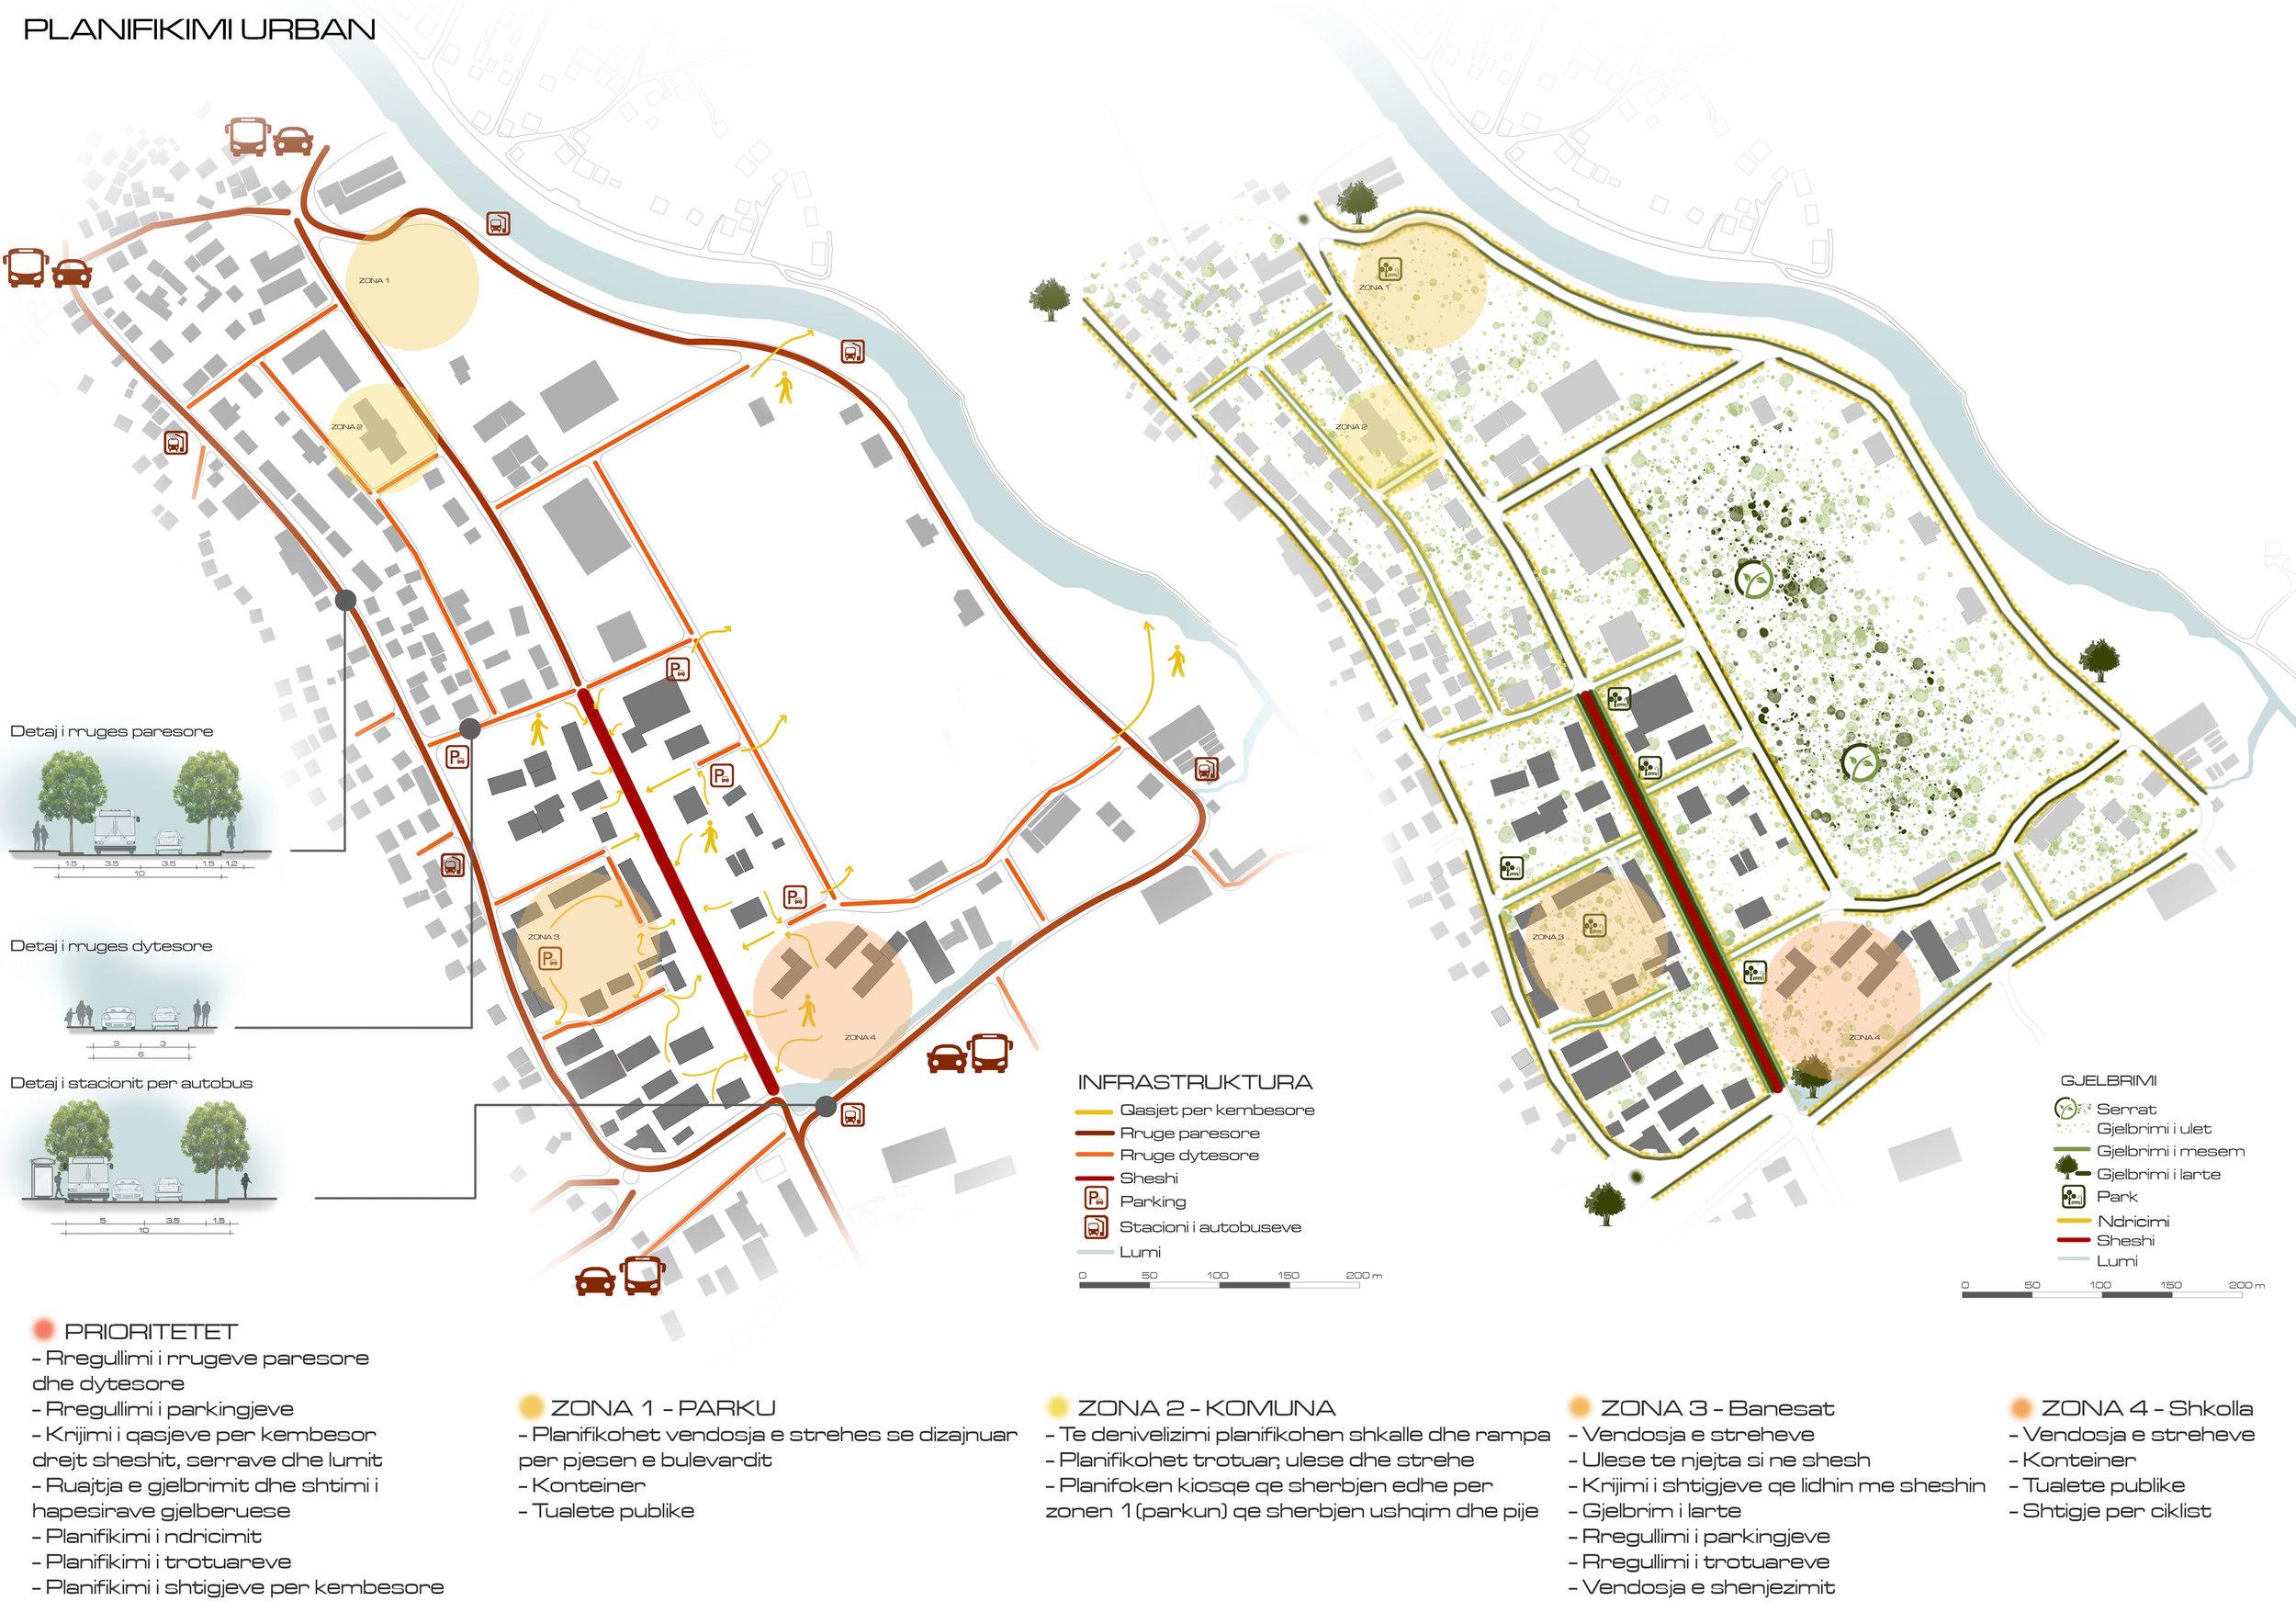 Zgjidhja urbane që përfshinë rruget, shtigjet, transportin publik, parkingjet, gjelbërimin dhe ndiçimin